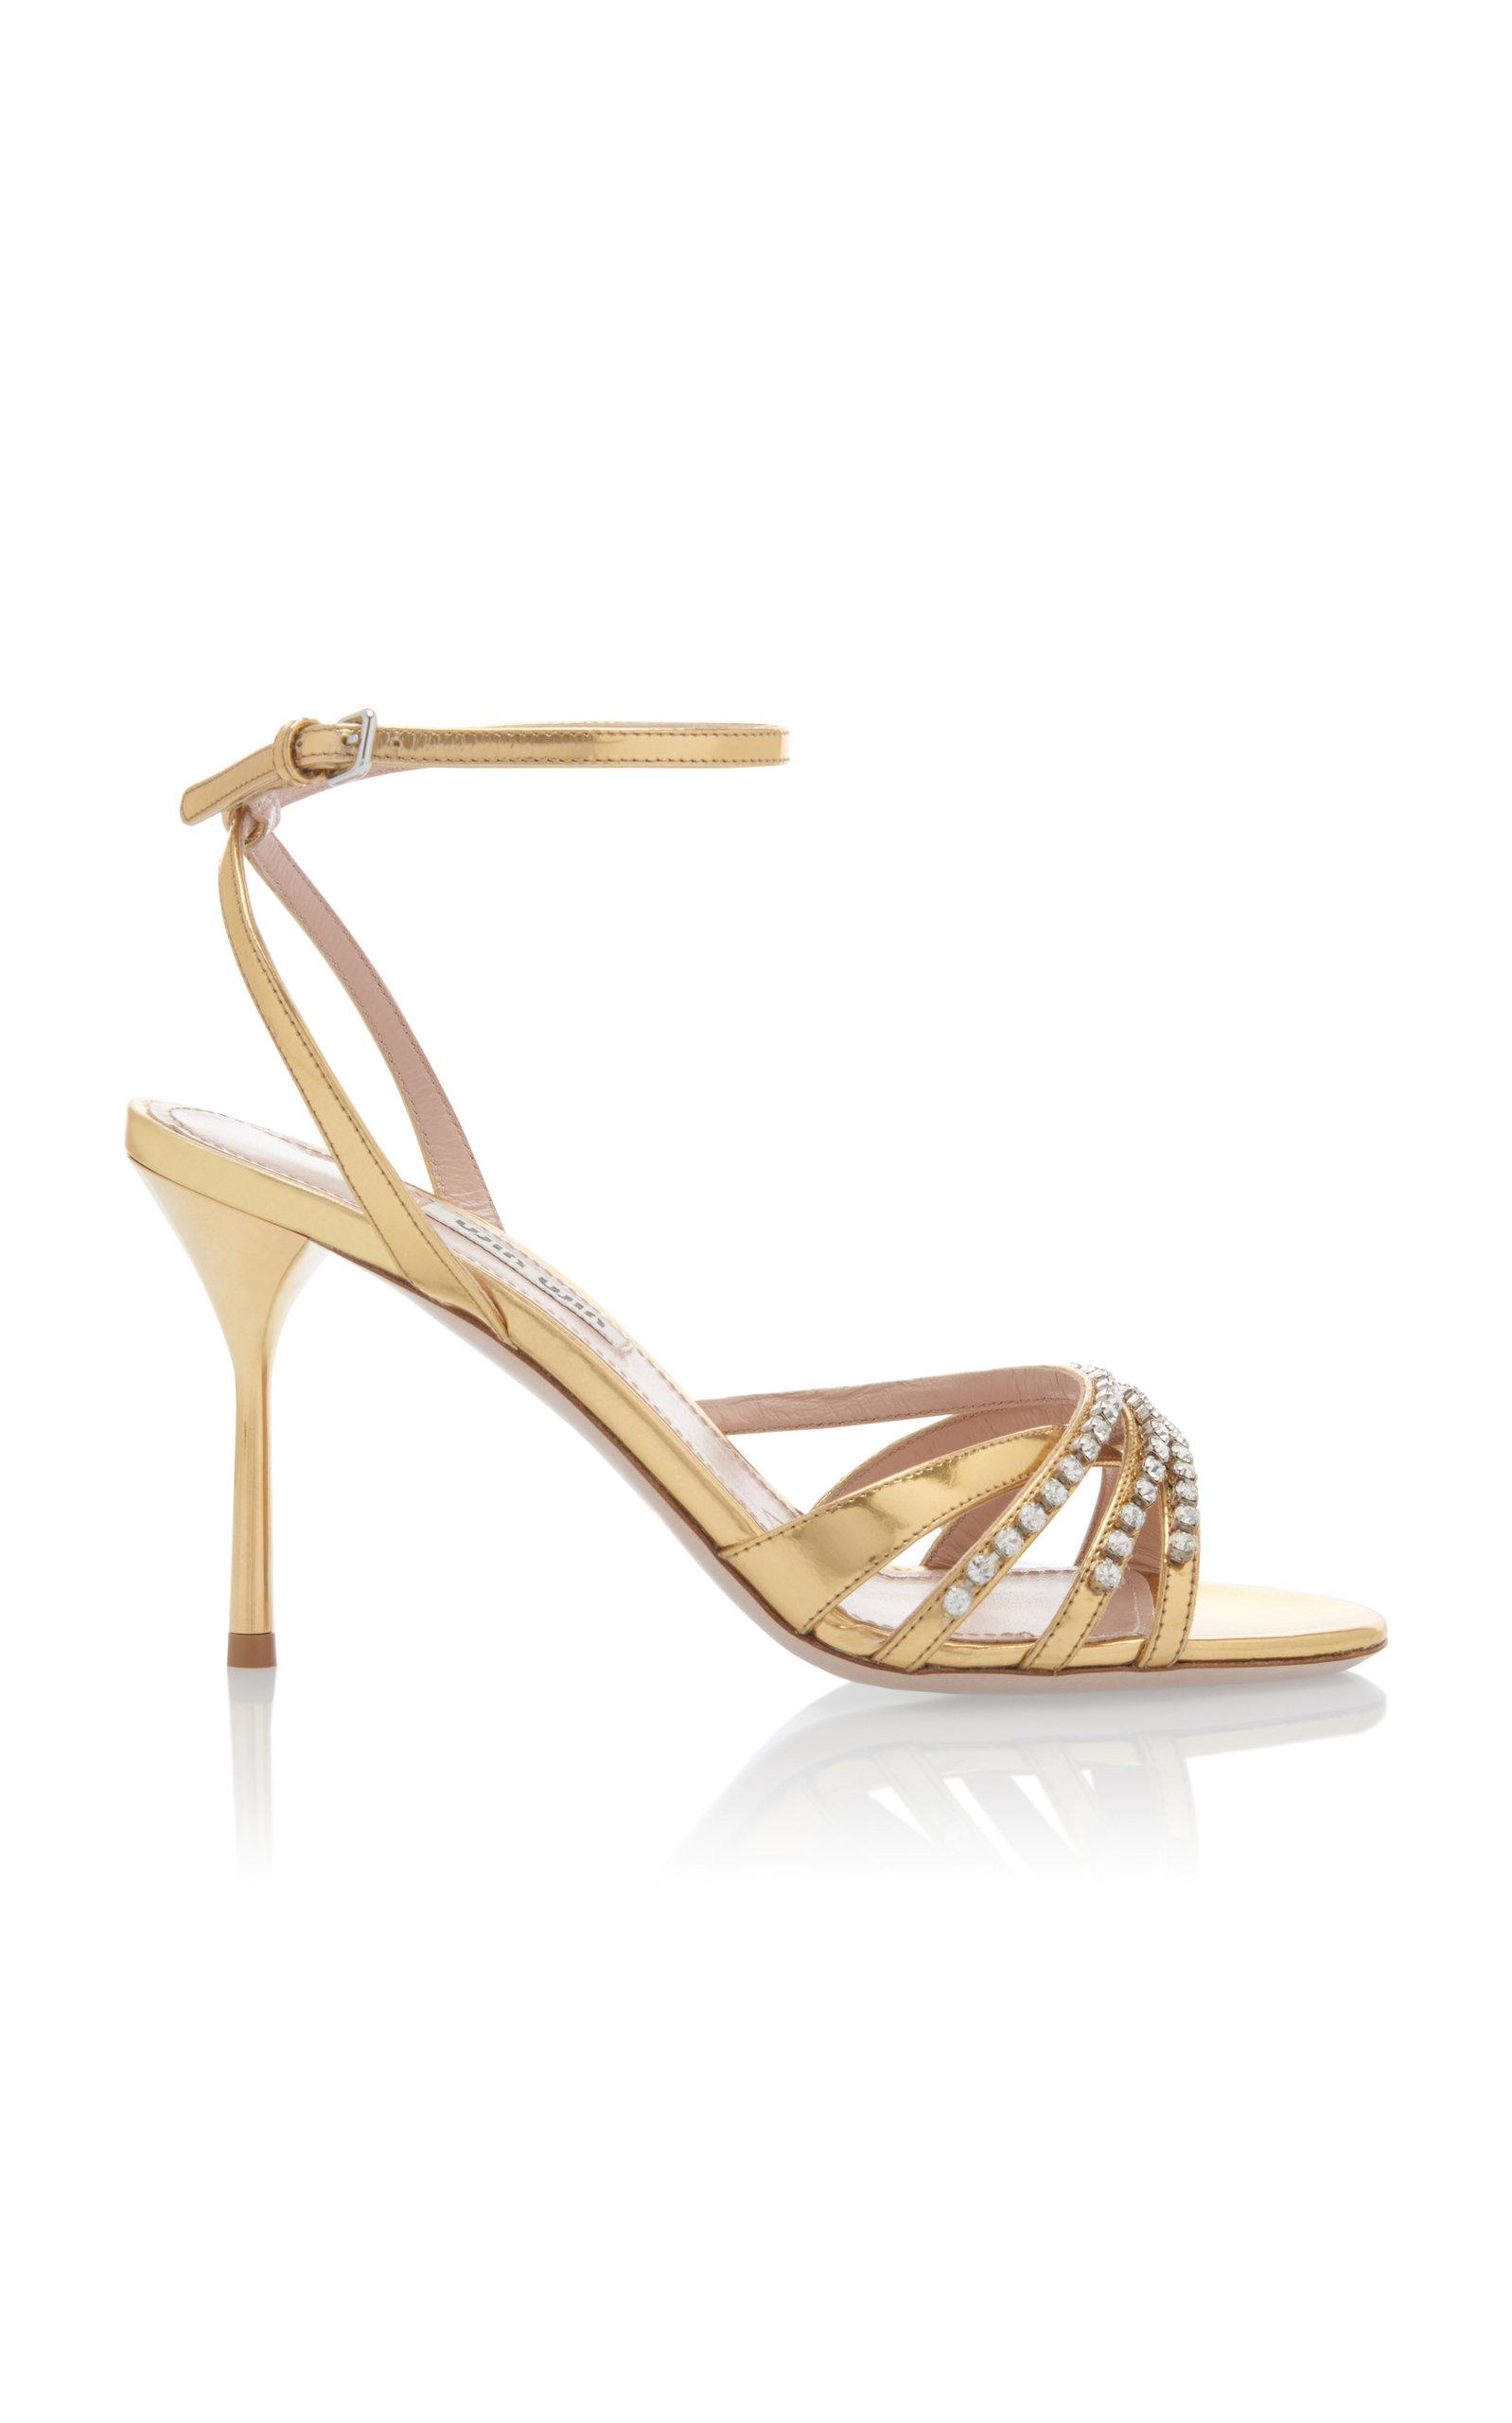 Crystal-embellished High-heel Sandals